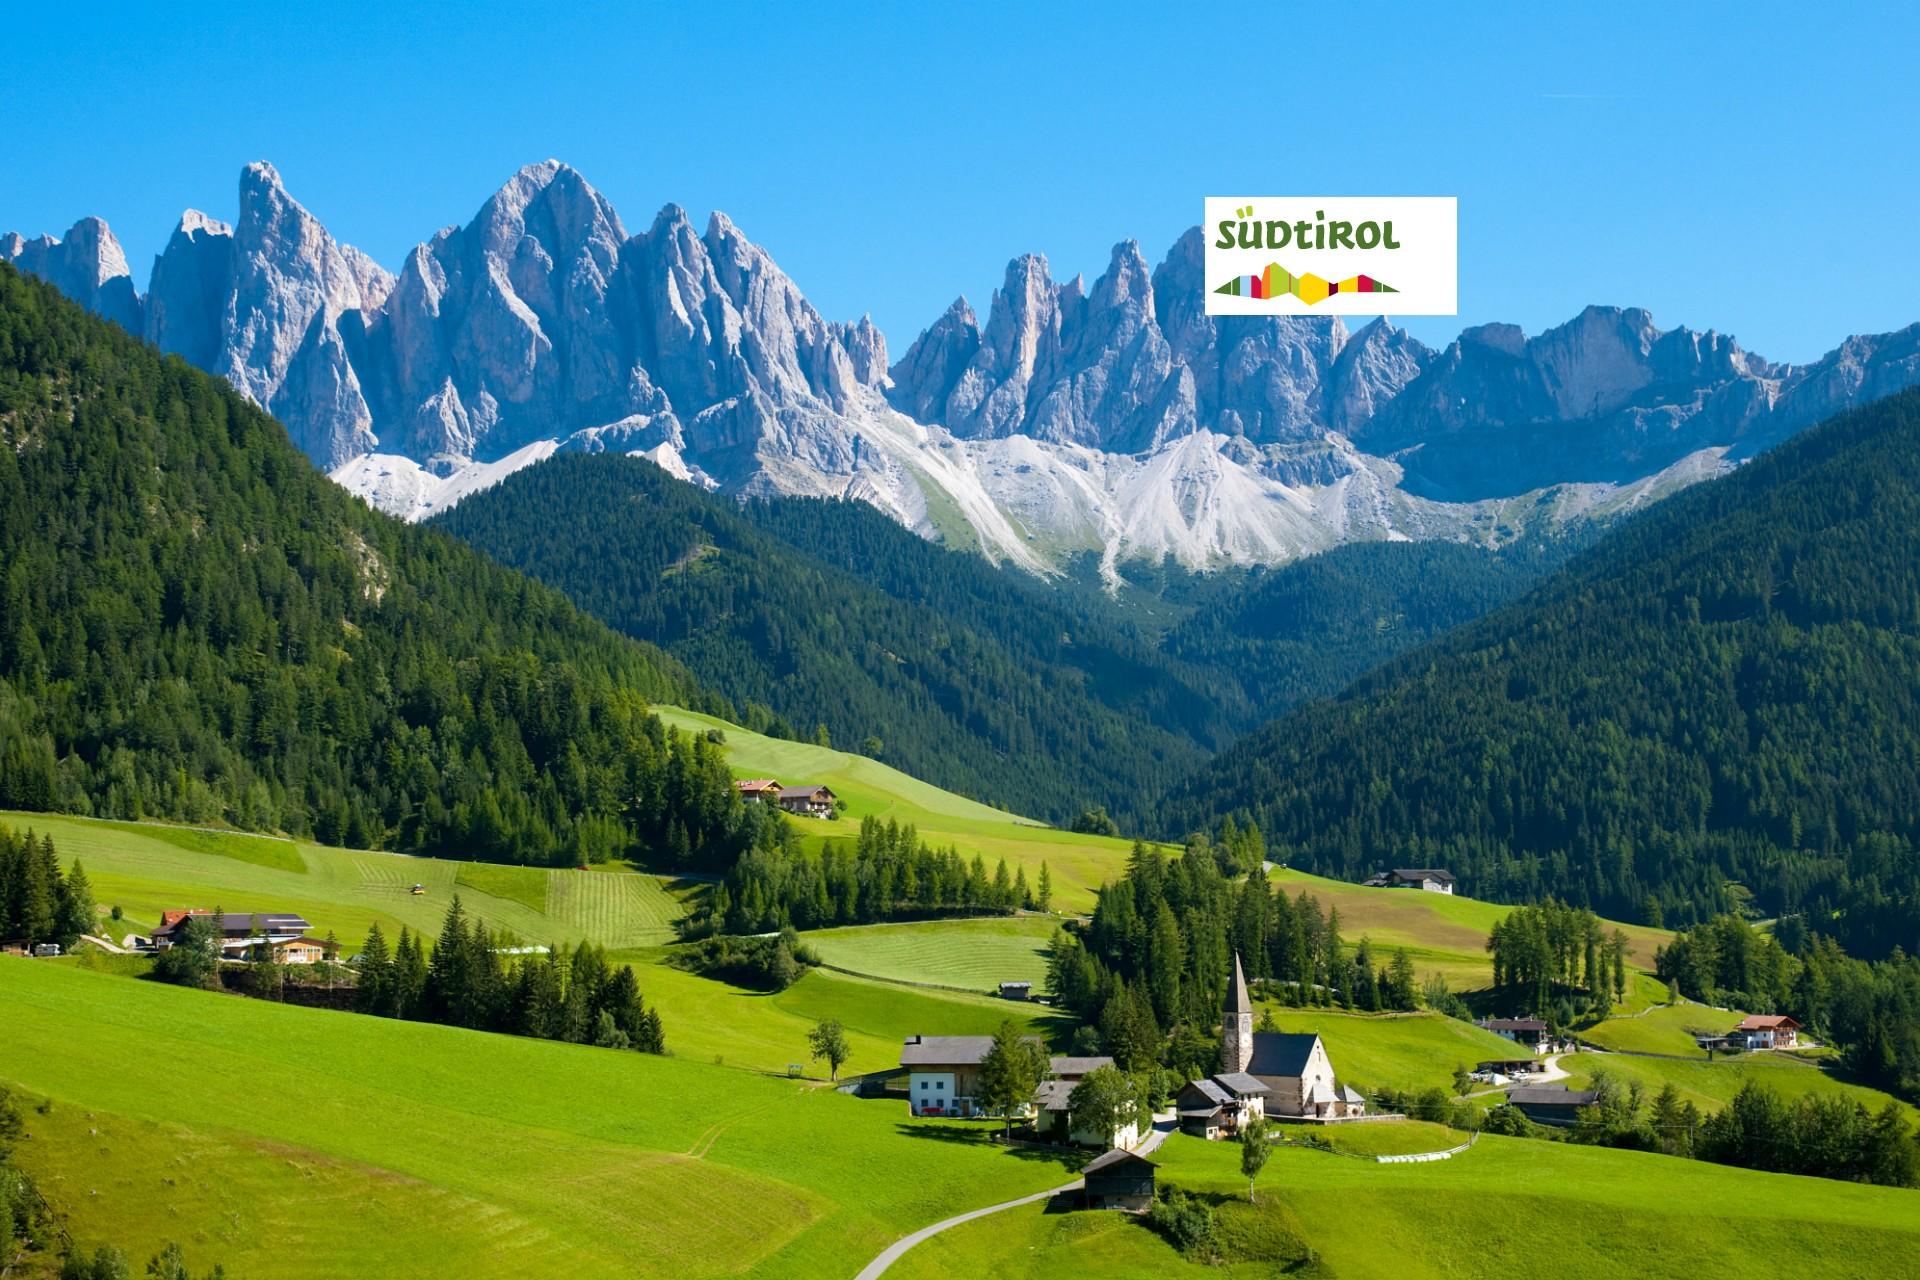 vacances au tyrol Vacances Tyrol du Sud - Trentin - Réservez vos voyage Tyrol du Sud -  Trentin | TUI